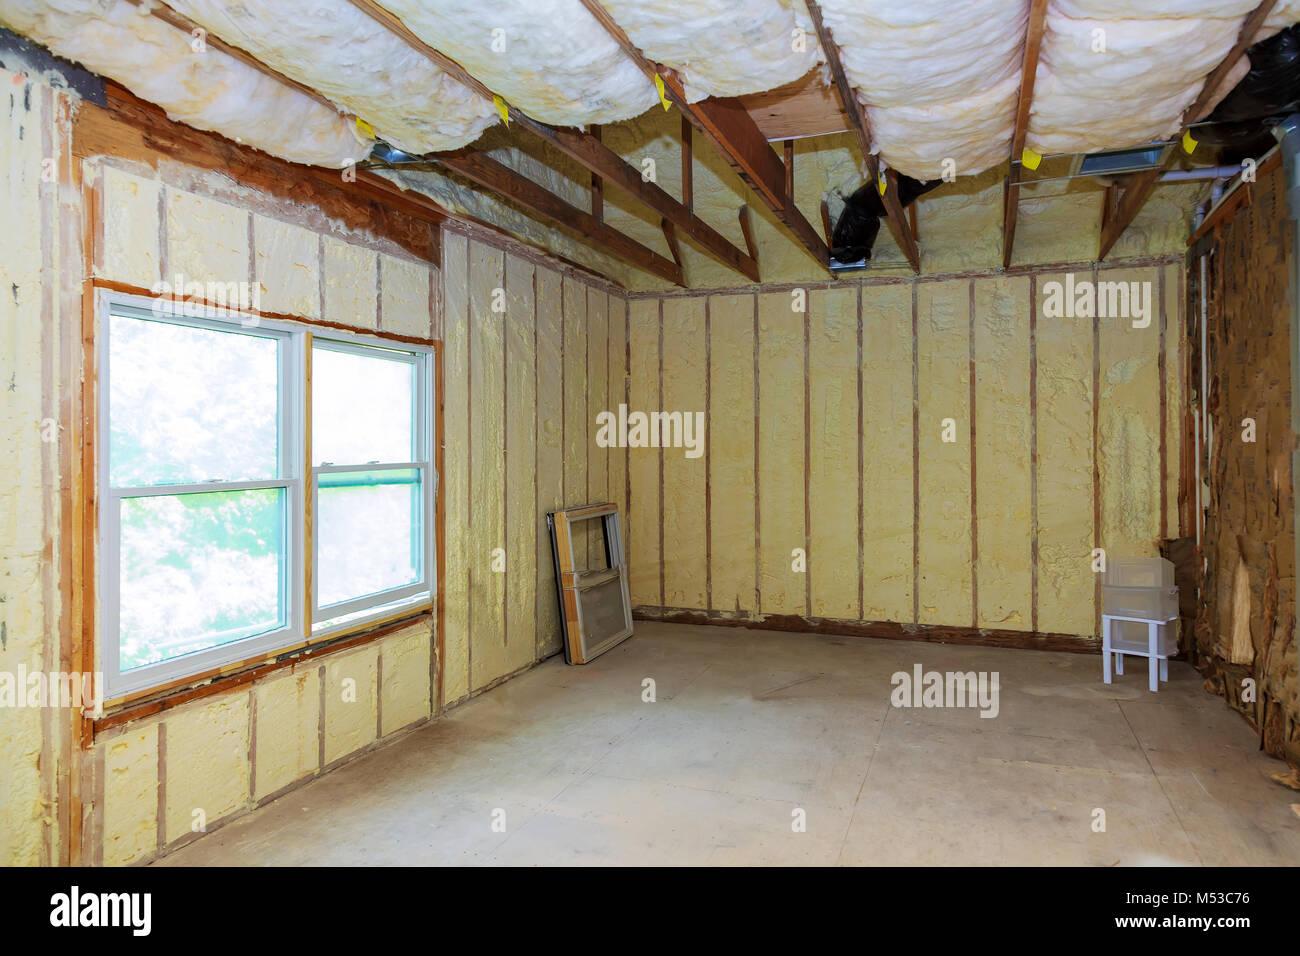 Y hidro aislamiento térmico con espuma en aerosol en la construcción de casas Imagen De Stock